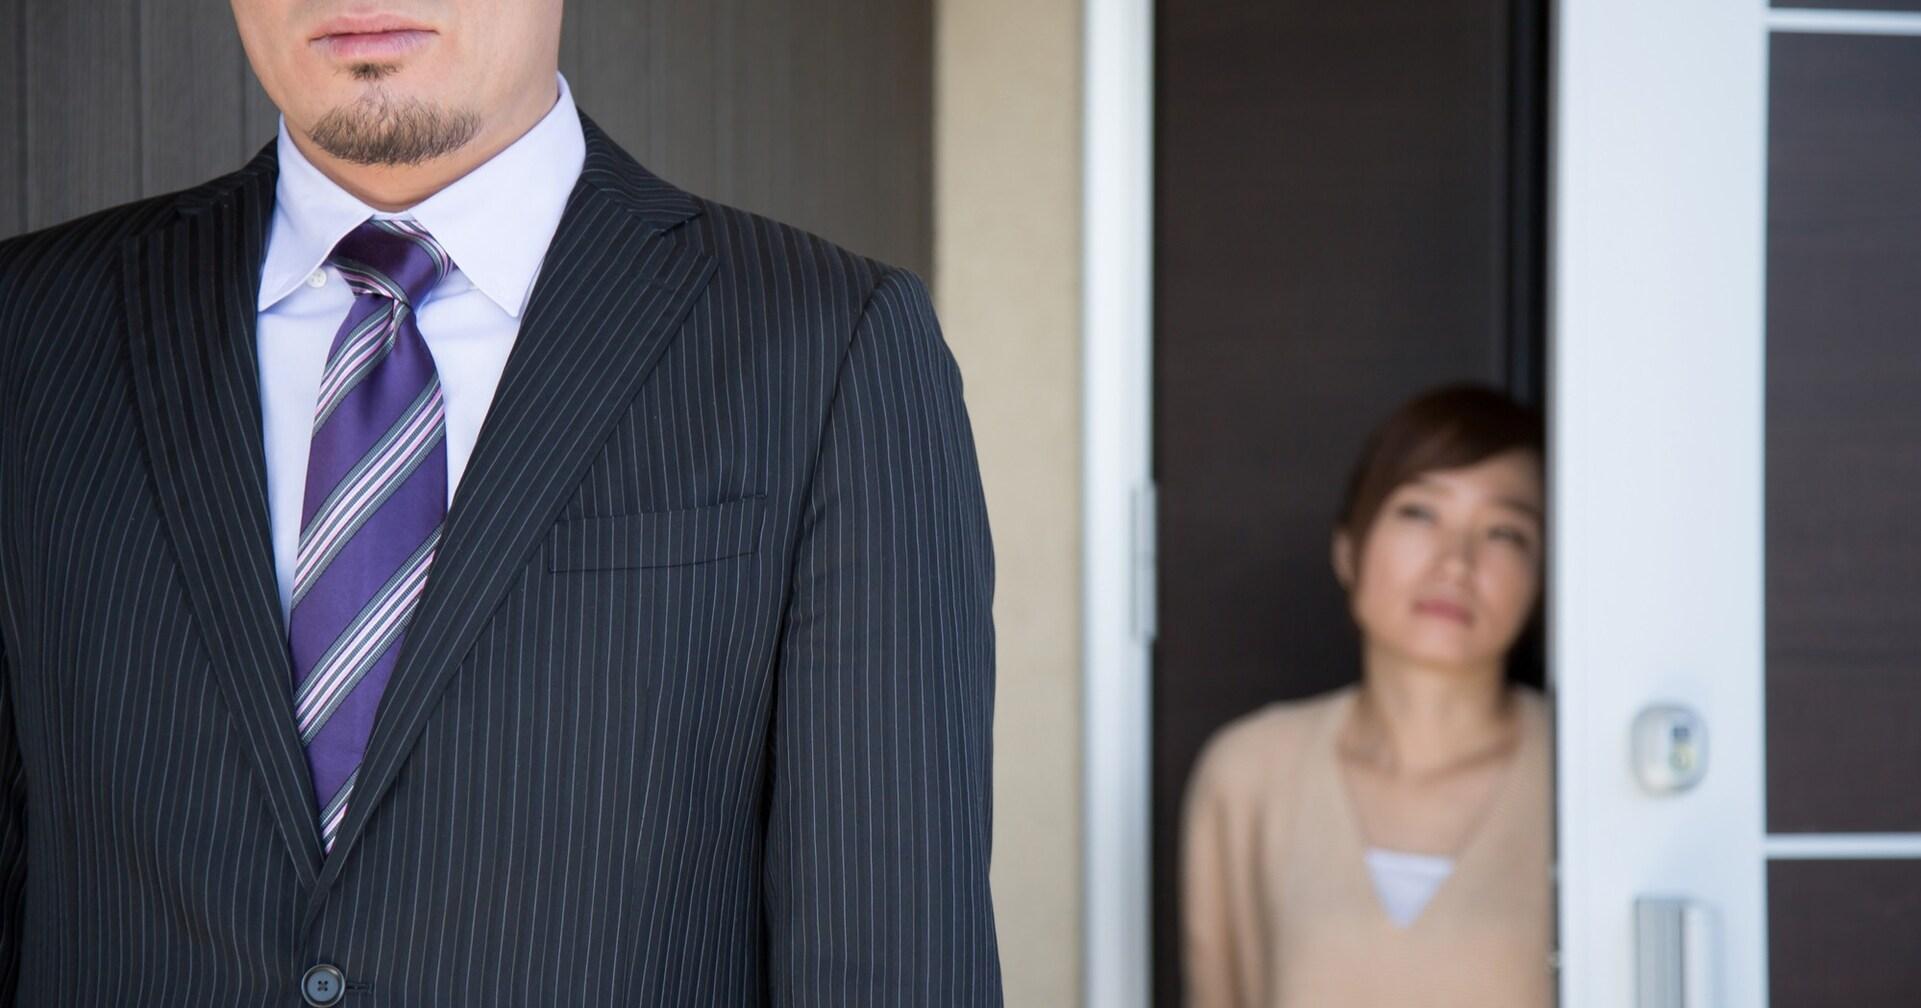 「だいたい12時ごろには帰る」などと帰宅時間を妻に言える夫は本当に浮気していないのか?